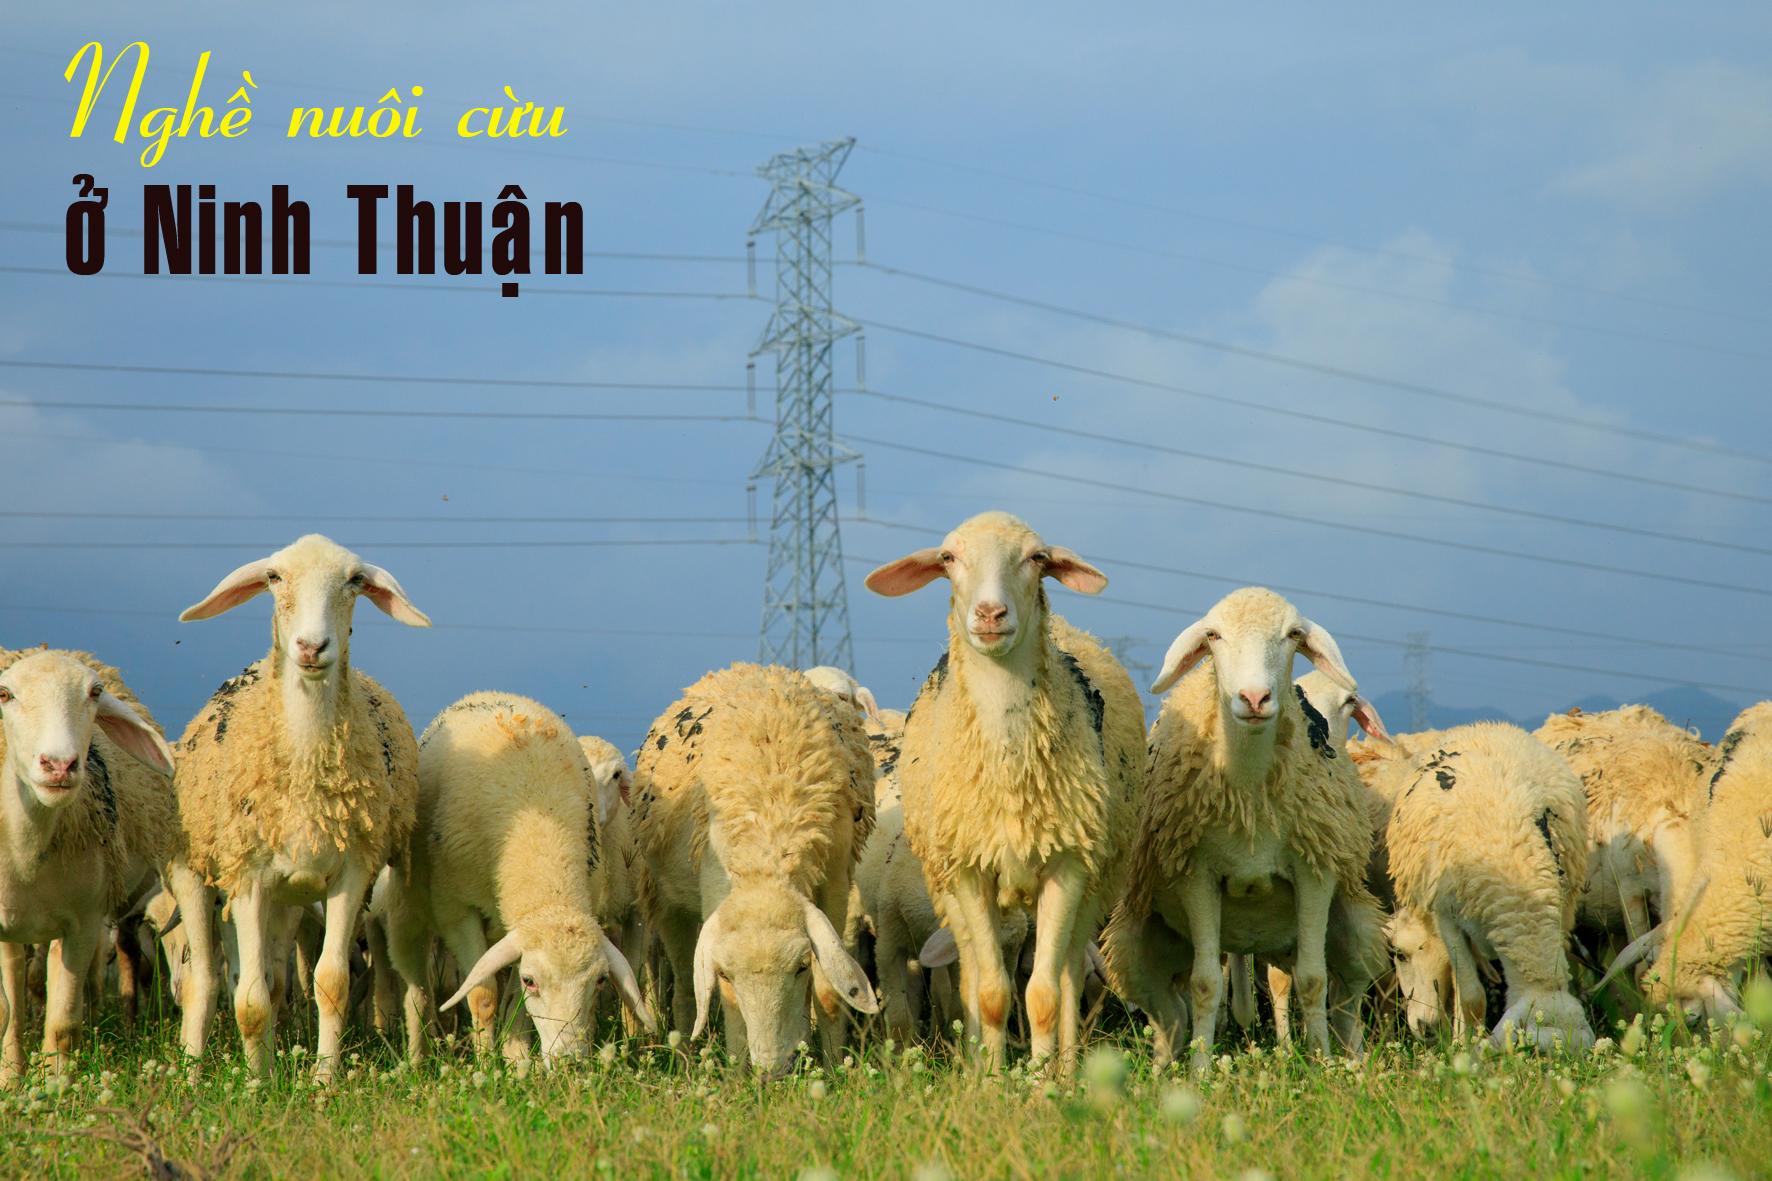 Nghề nuôi cừu ở Ninh Thuận